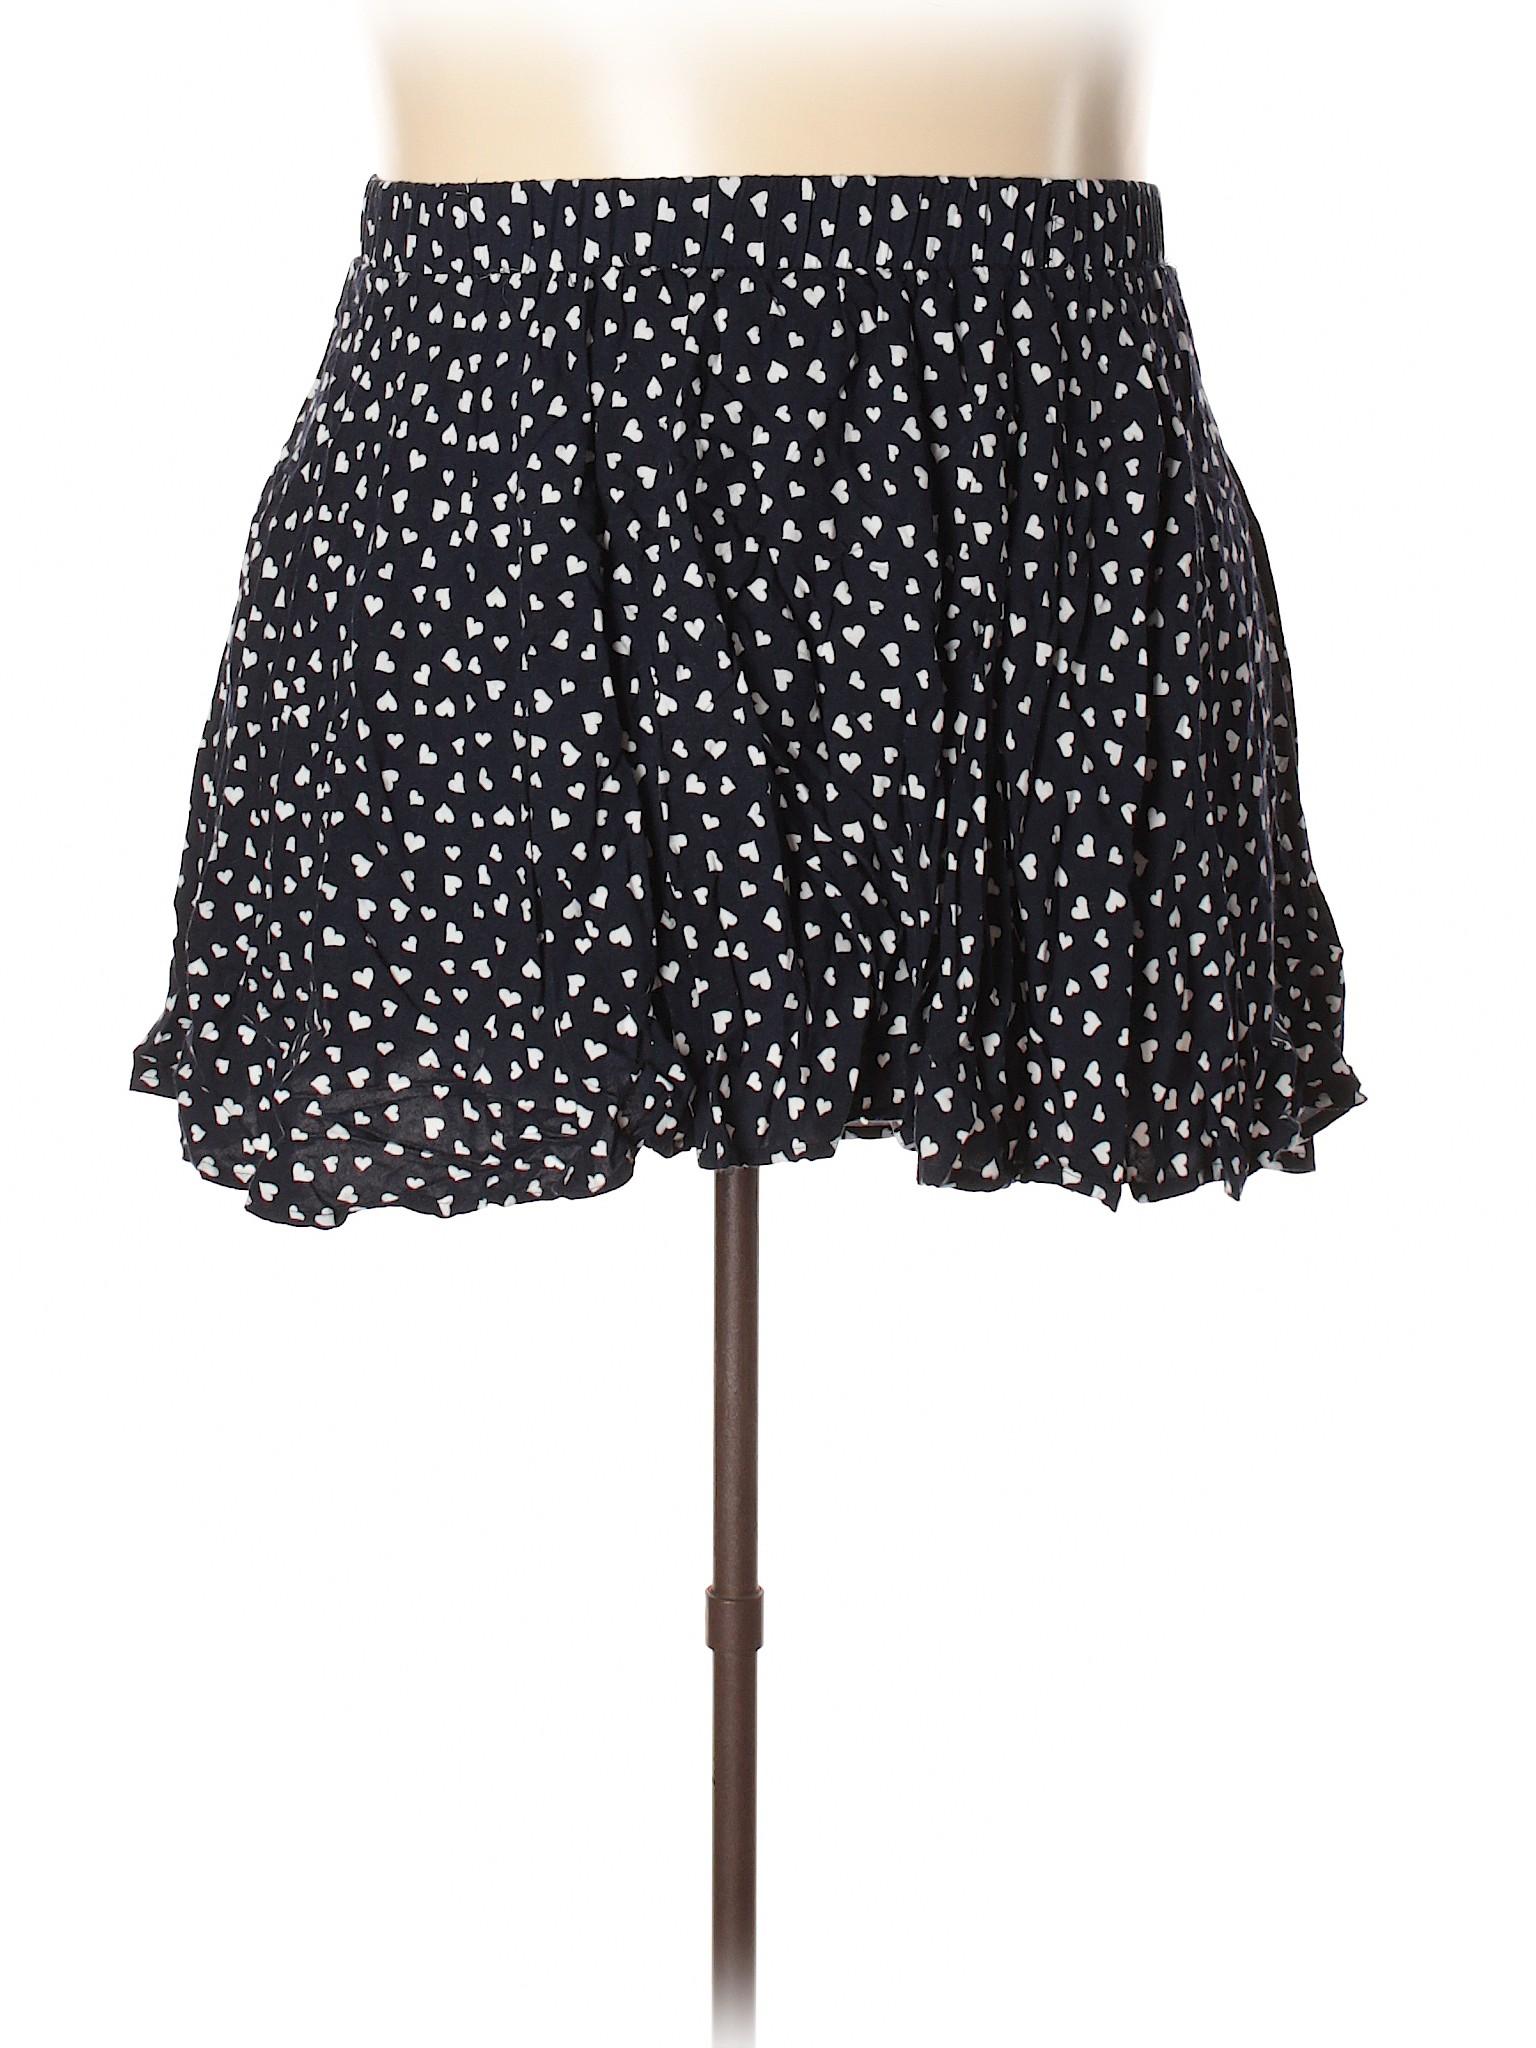 Torrid Skirt Boutique Skirt Casual Torrid Casual Casual Torrid Boutique Boutique 5zZttqxa